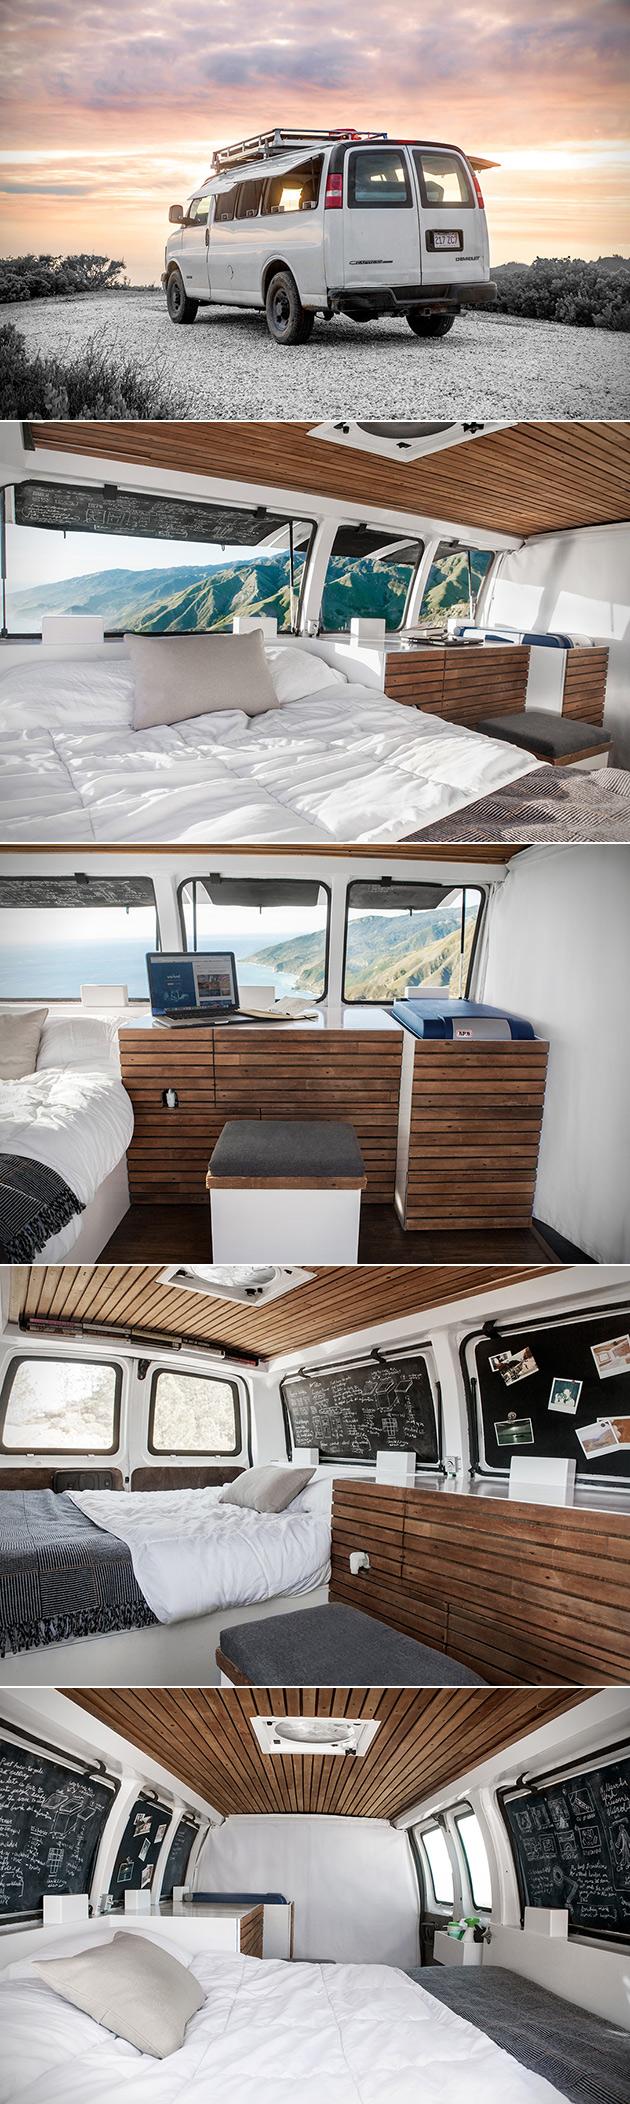 Cargo Van Home